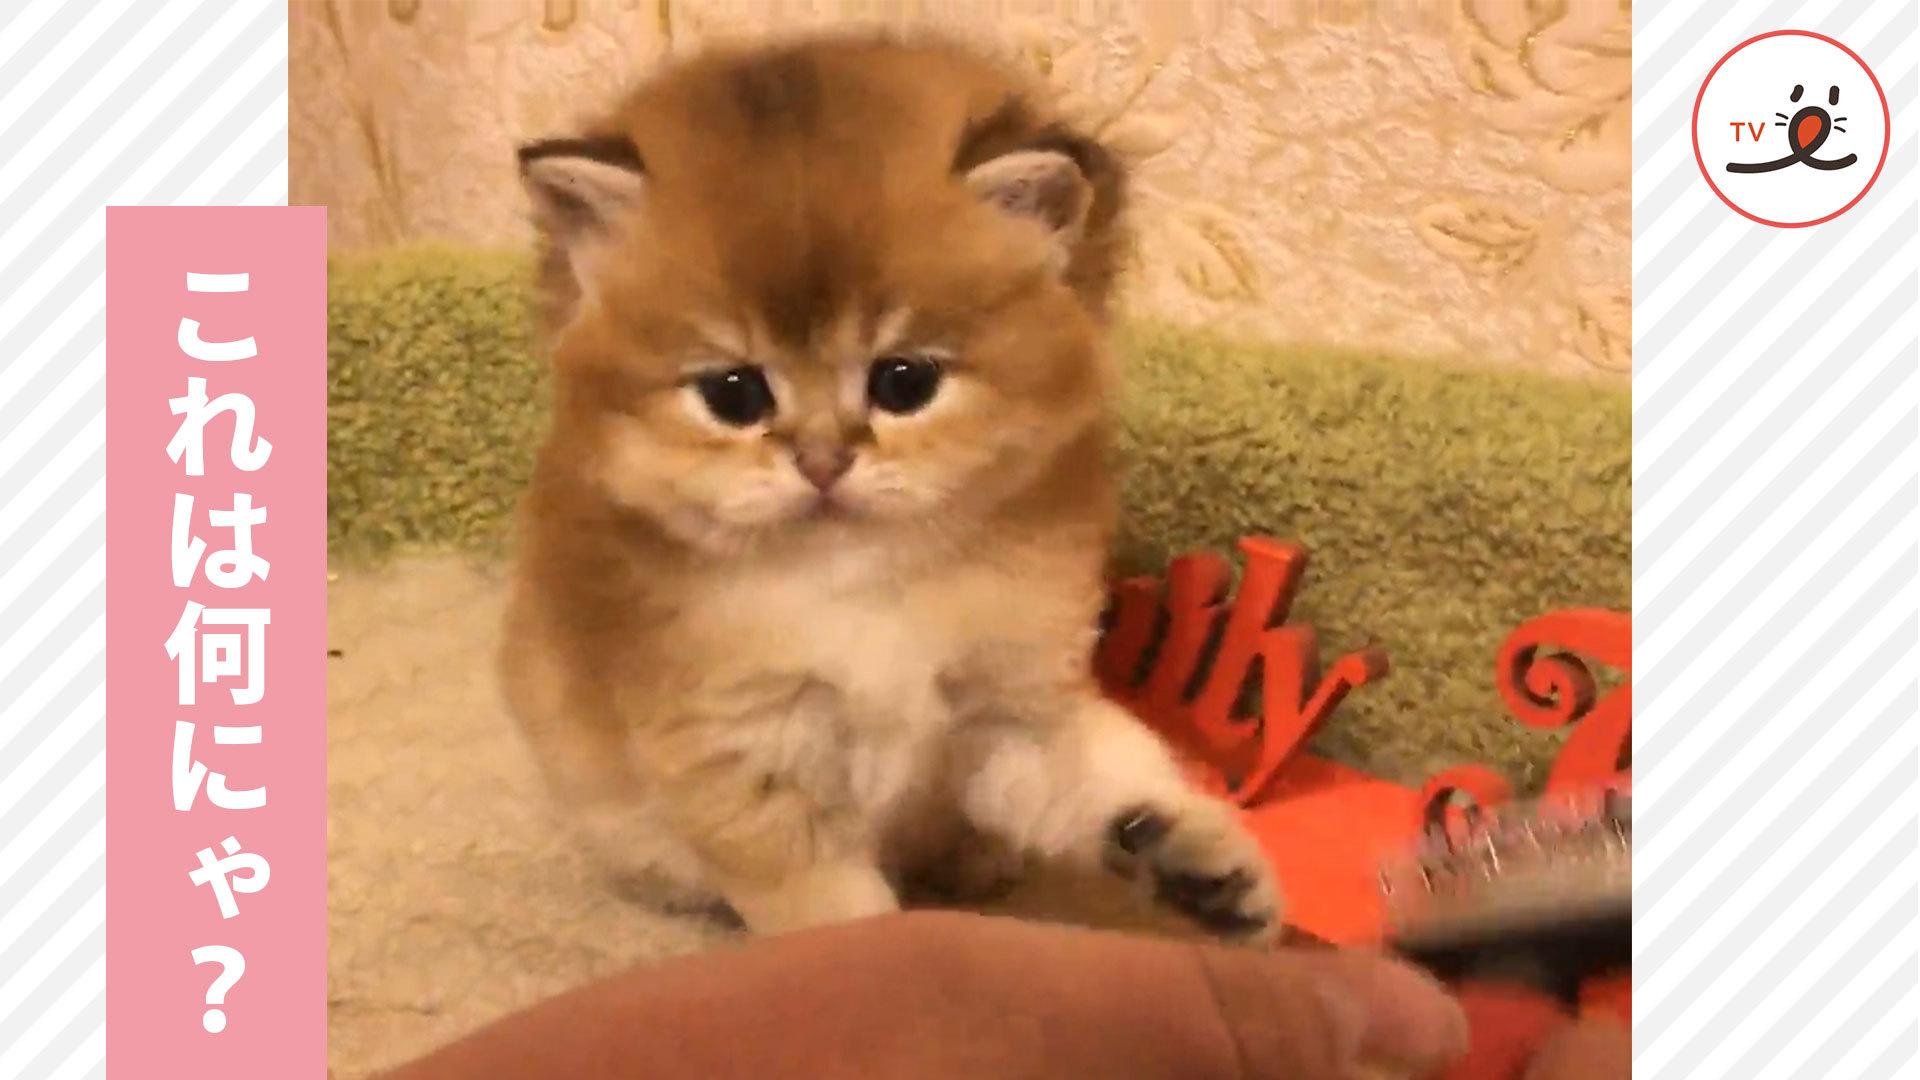 これは何にゃ⁉️ ブラッシングを拒む子猫